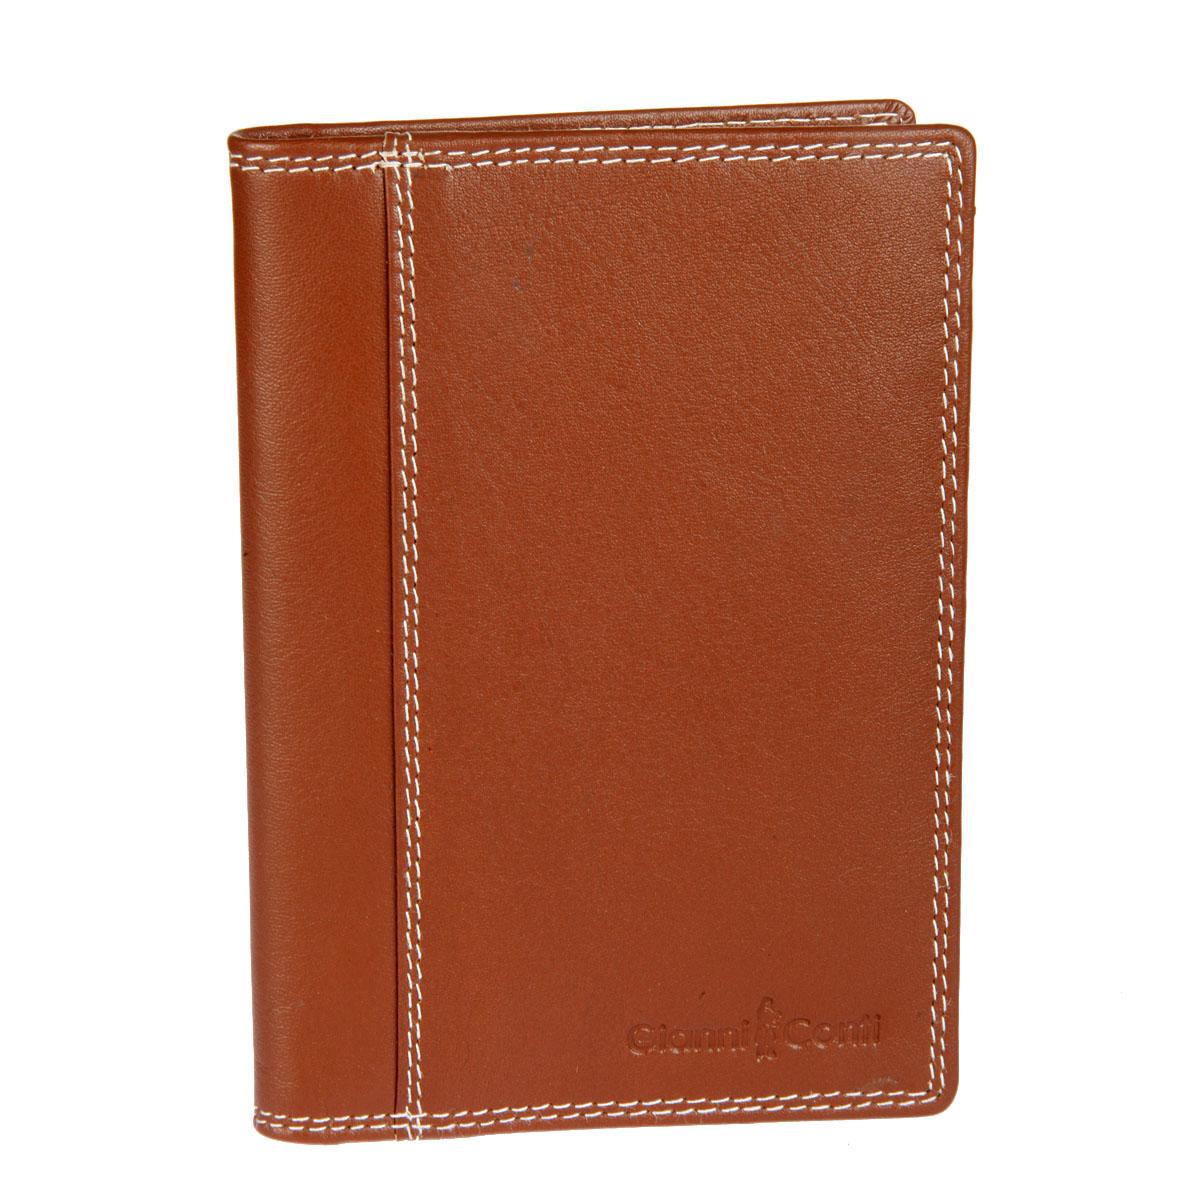 Обложка для автодокументов Gianni Conti, цвет: коричневый. 1807463SC-FD421005Стильная обложка для студенческого билета Gianni Conti выполнена из натуральной кожи. Обложка оформлена декоративной строчкой и выдавленным клеймом с названием и логотипом бренда. Изделие раскладывается пополам, внутри размещены пять карманов для кредитных карт, одиннадцать файлов для автодокументов, среди которых один файл под права, два дополнительных кармана под документы, сетчатый карман.Стильная обложка для студенческого Gianni Conti не только поможет сохранить внешний вид ваших документов, а также станет стильным аксессуаром, идеально подходящим к вашему образу.